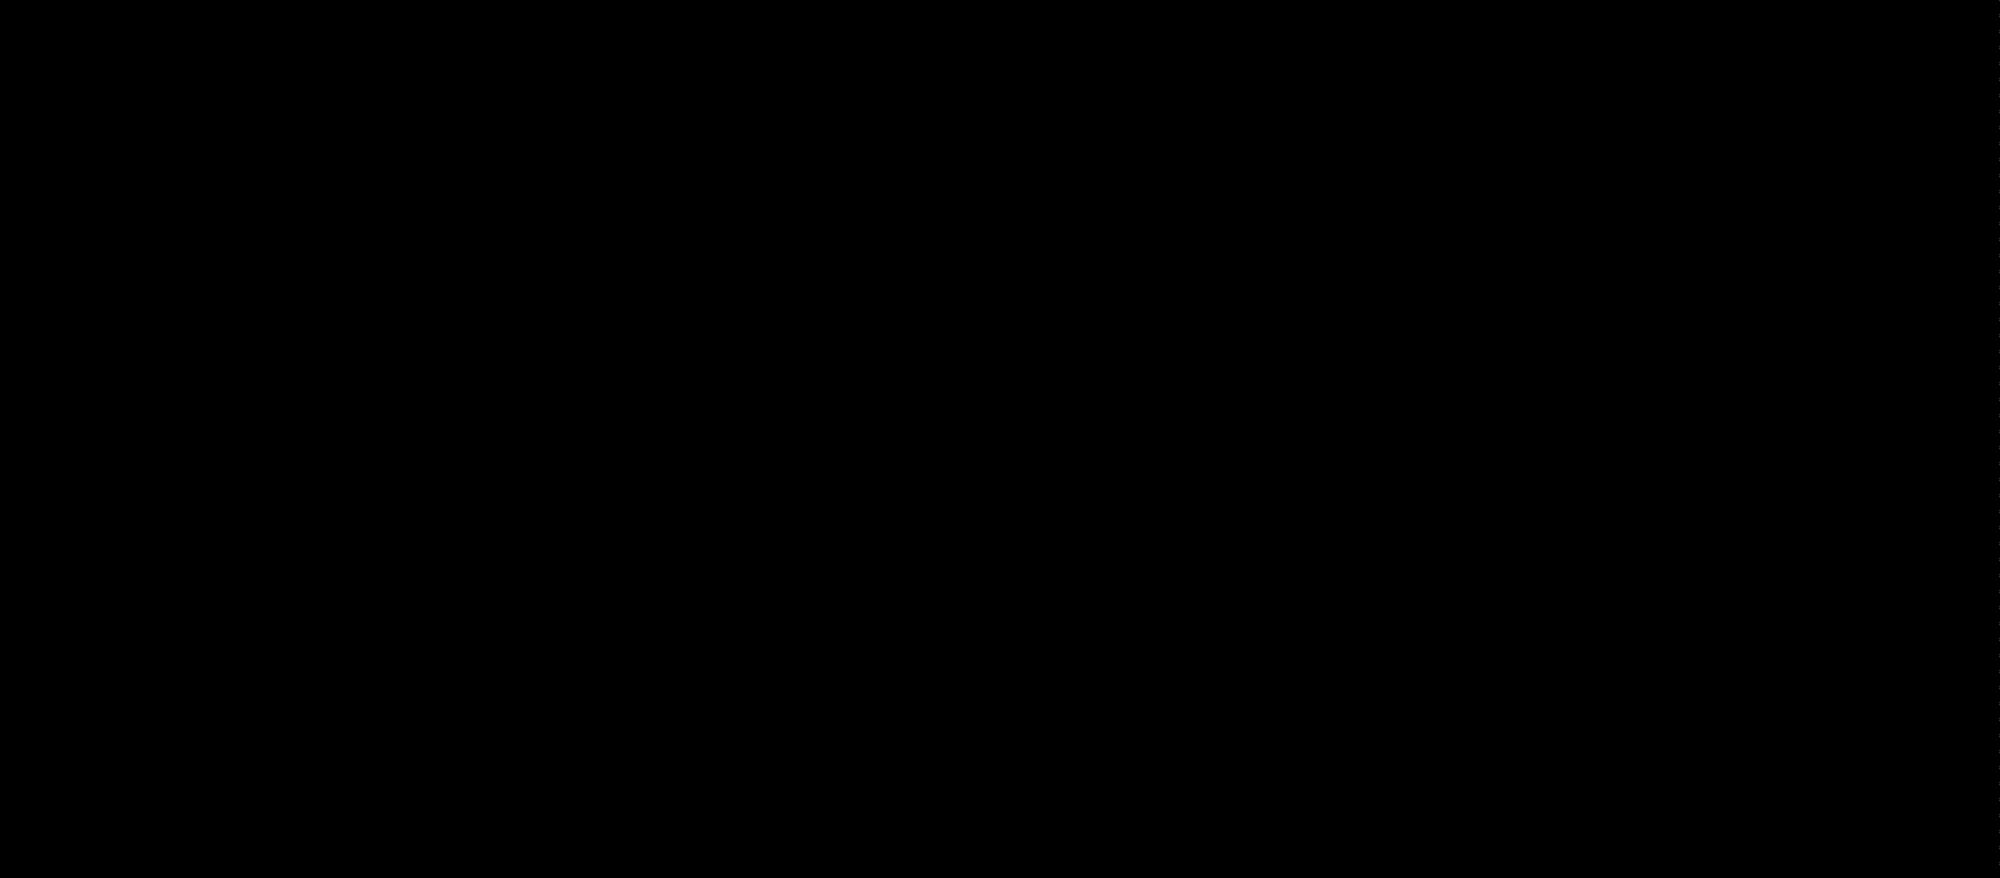 「不凡之耀 致敬坚信」 Forevermark永恒印记「ICON星空」系列